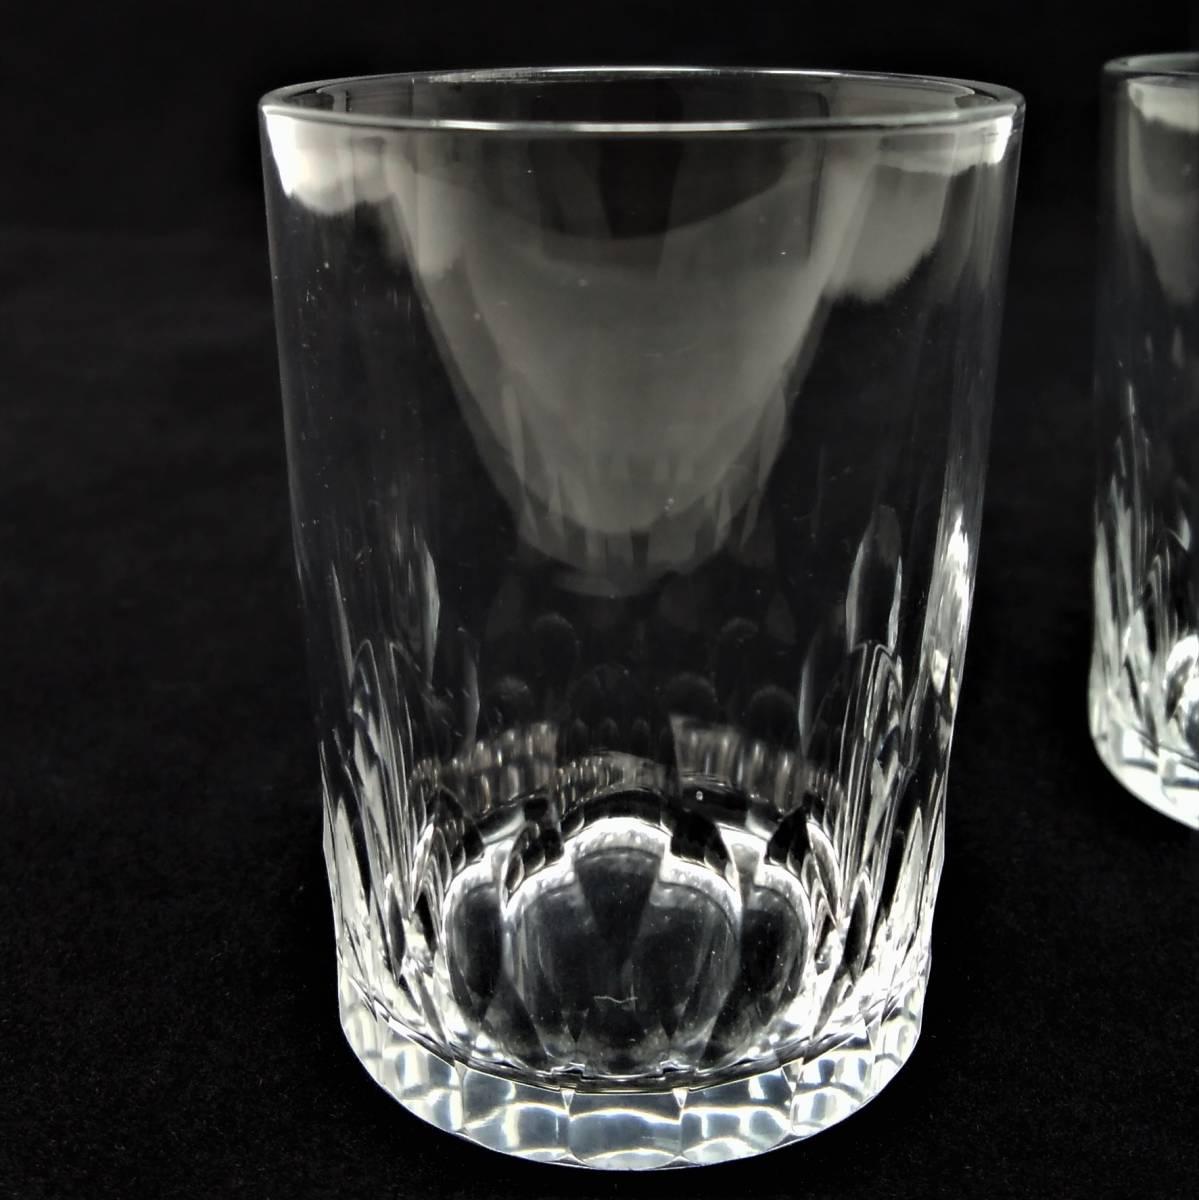 バカラ BACCARAT リシュリュー Richelieu ショットグラス リキュールグラス 2客セット H4.7cm 087◆冷酒 クリスタル タンブラー ゴブレット_画像8